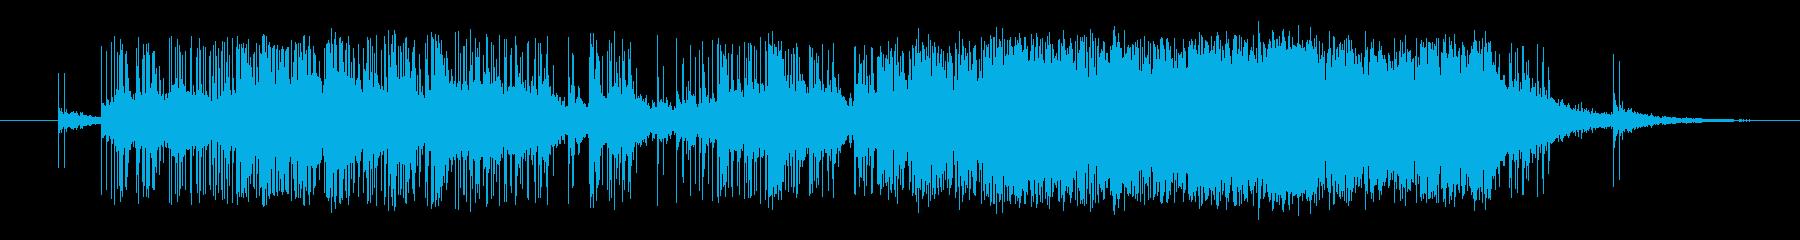 大量の爆竹が爆発する音の再生済みの波形